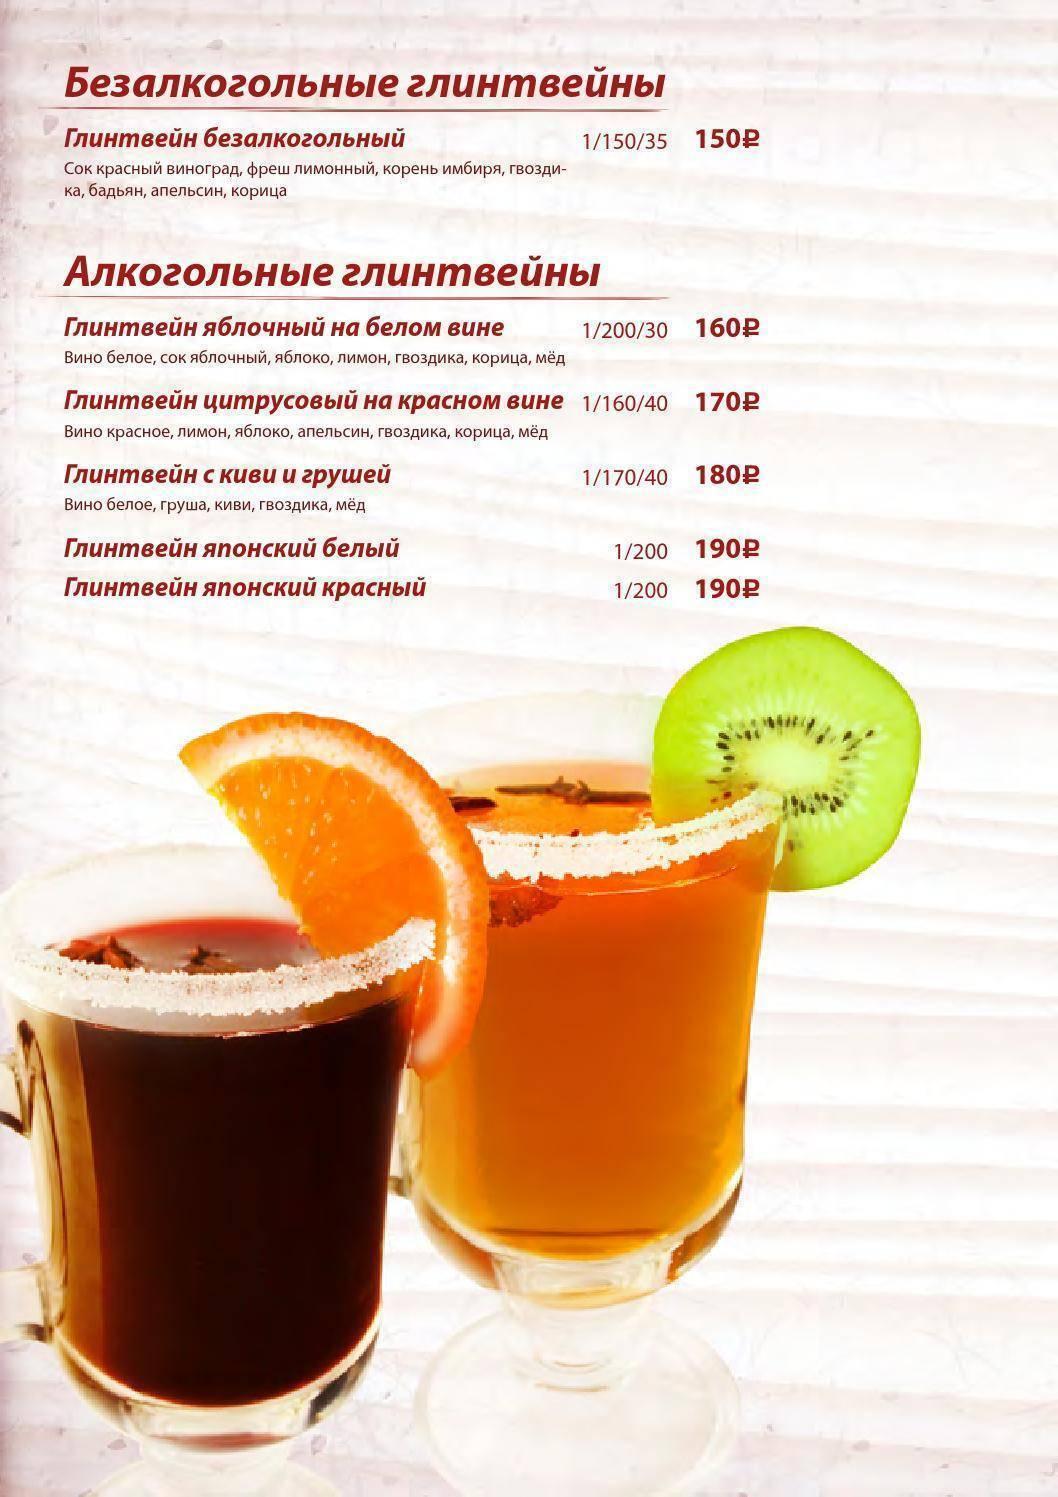 Глинтвейн? безалкогольный рецепт в домашних условиях (9 классных идей)